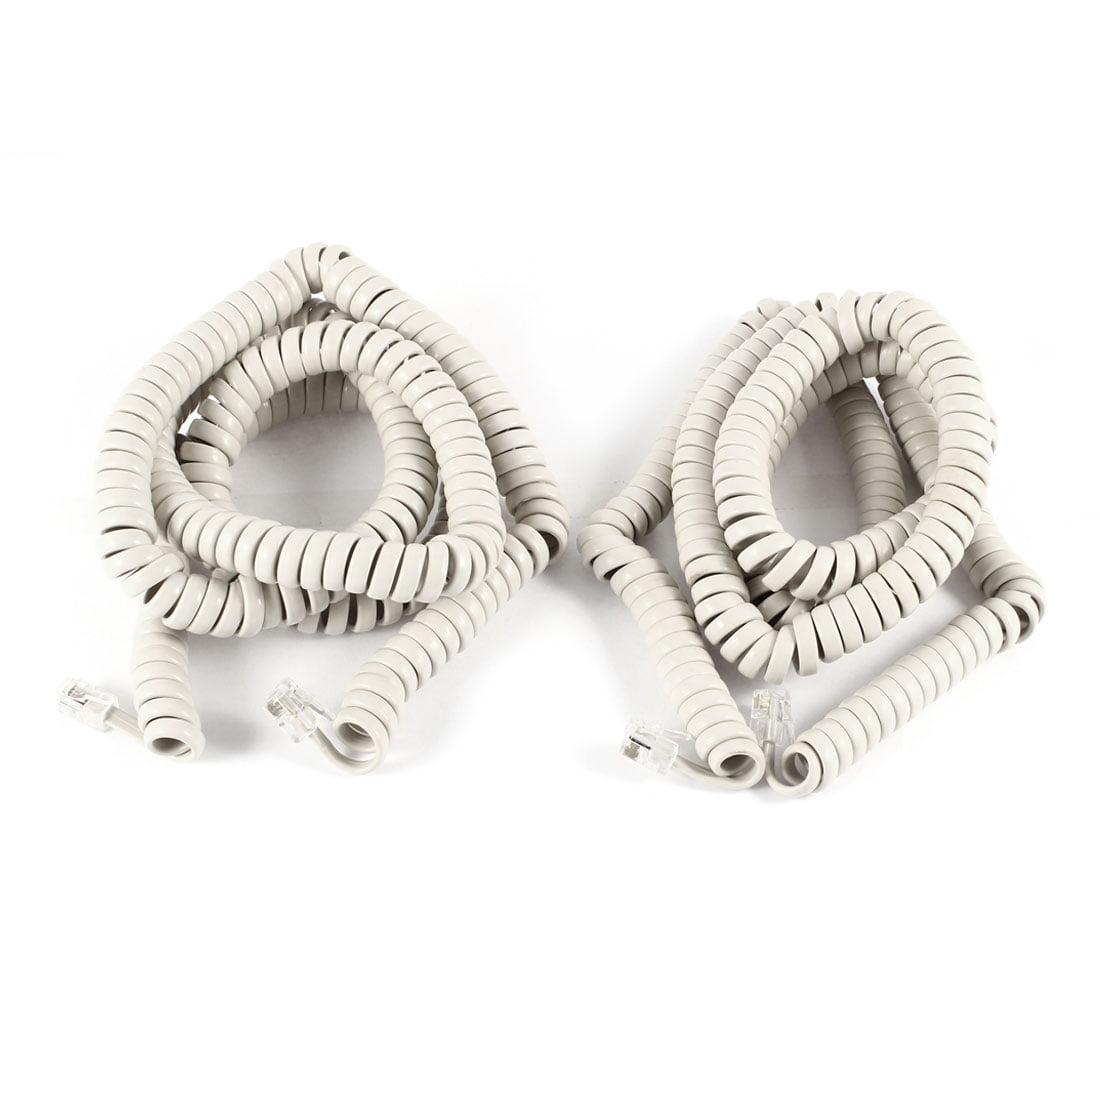 2pcs Beige RJ9 4P4C Connectors Stretchy Coiled Telephone Cable 7m 23ft - image 2 de 2